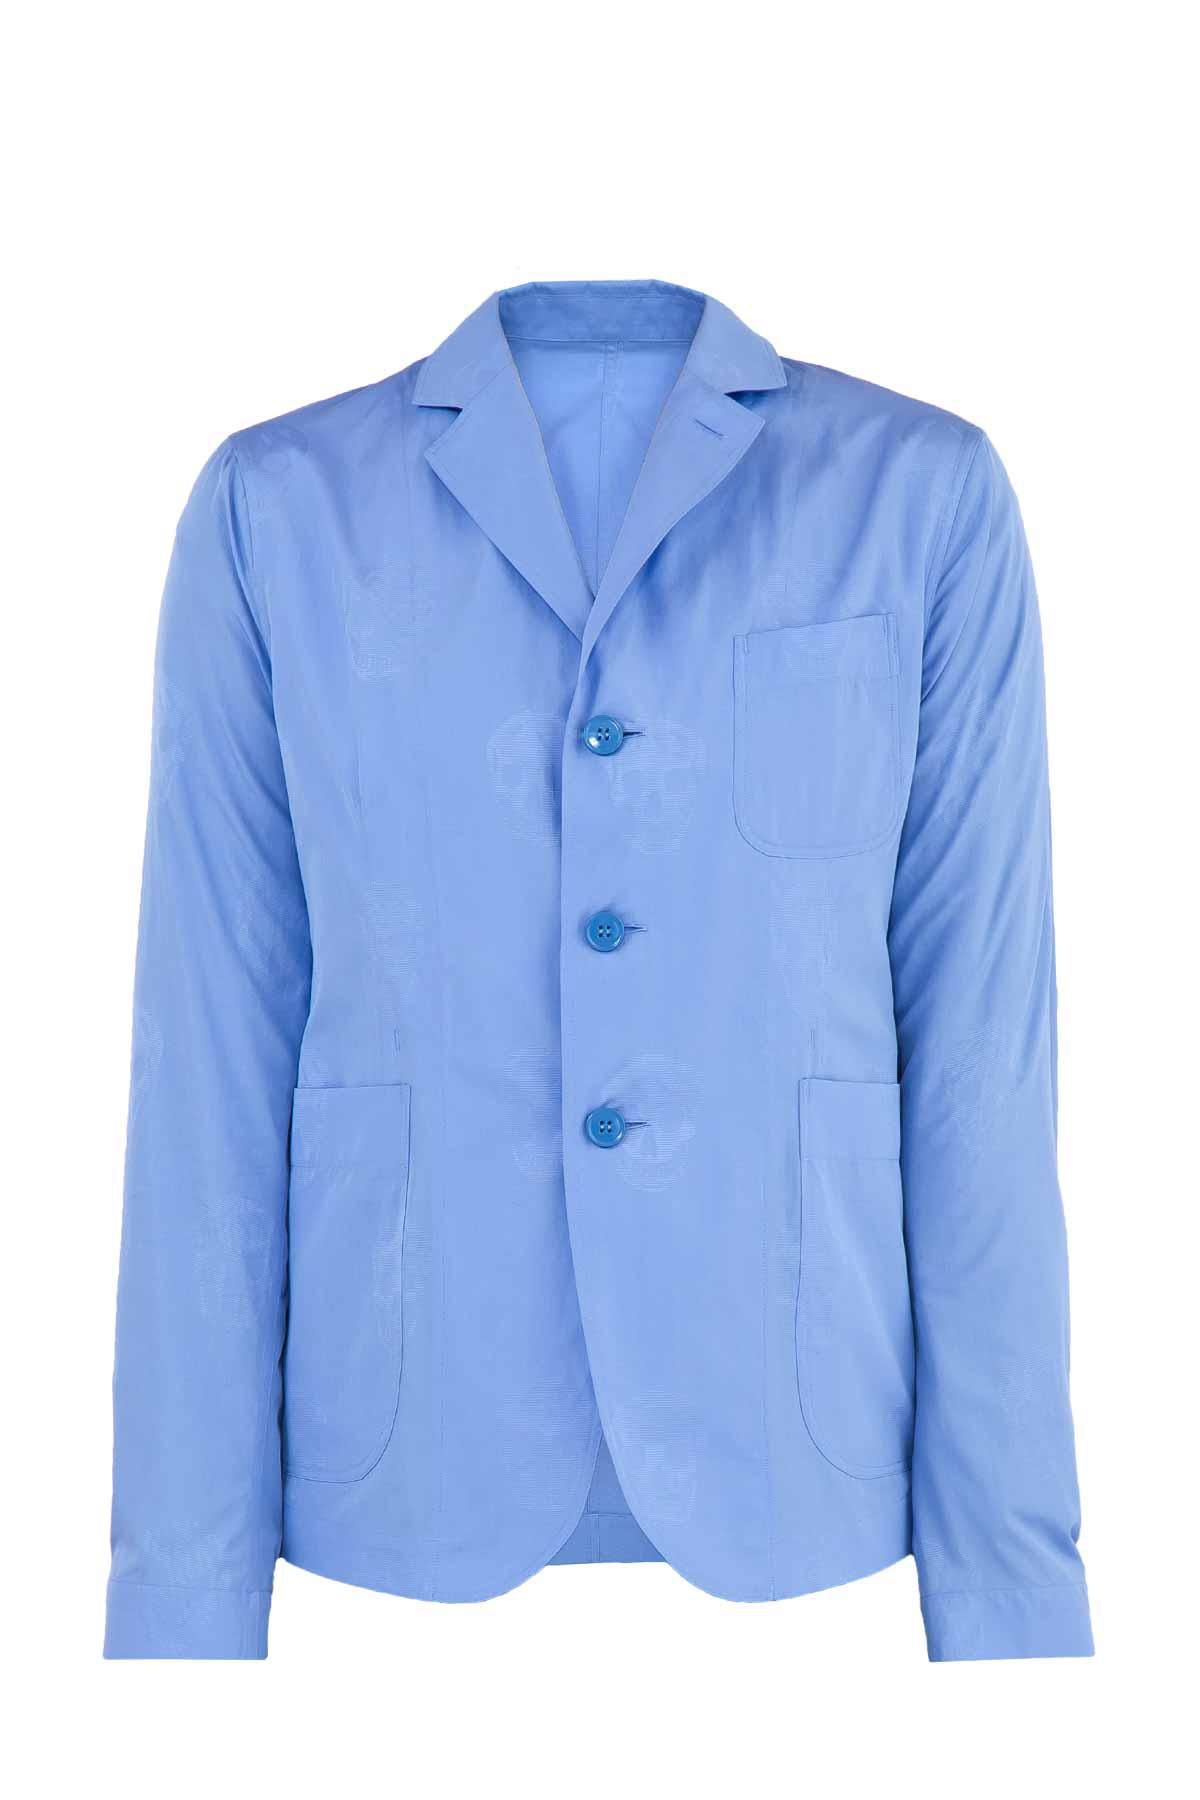 Купить со скидкой пиджак